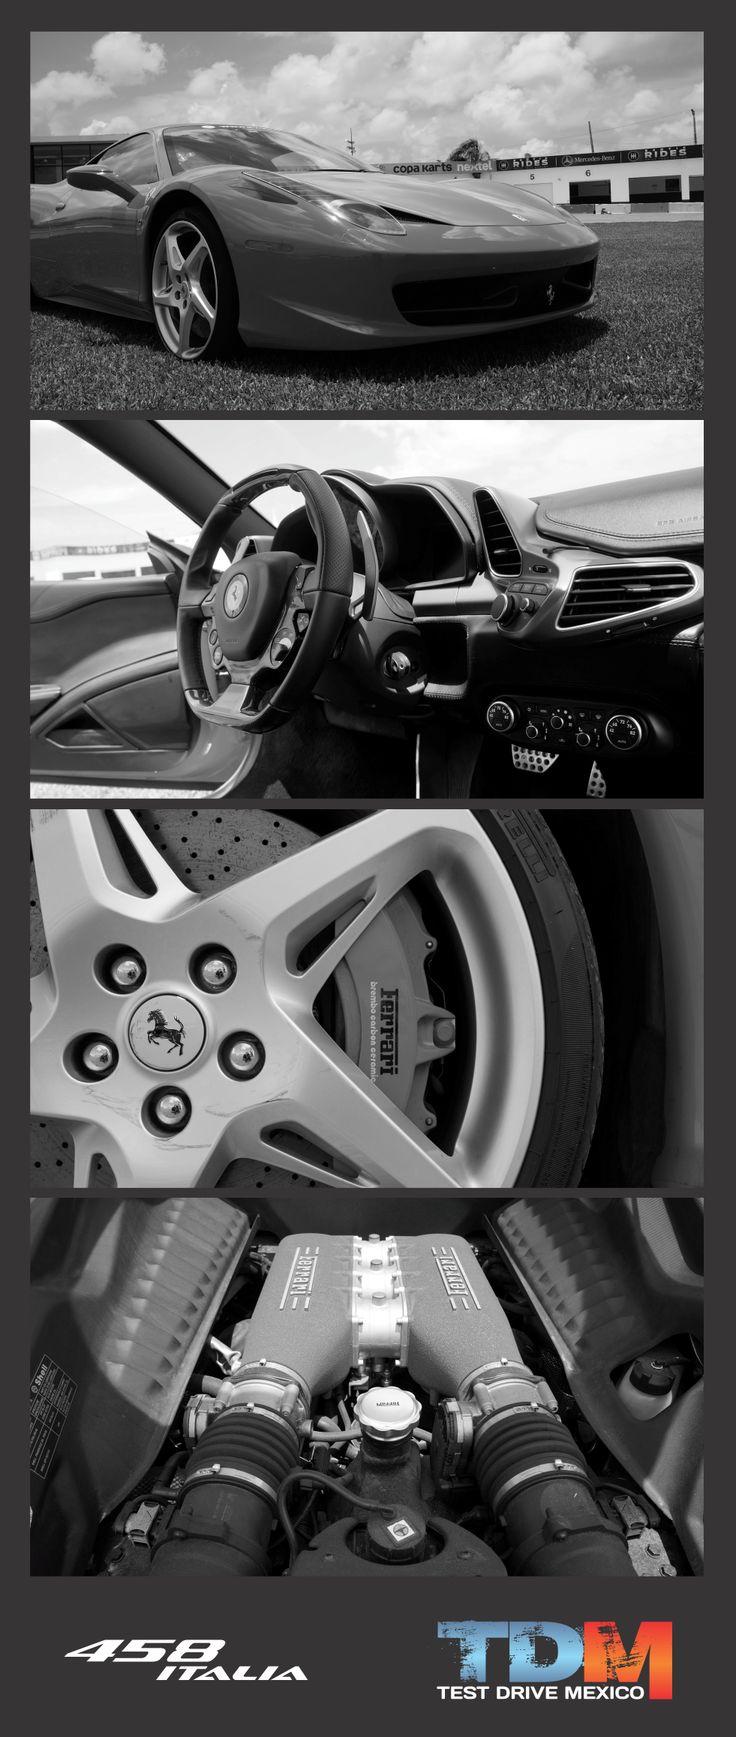 #Vídeo Test Drive #México de #Ferrari #458 italia, dejen su opinión y que coche les gustaria que publiquemos. http://www.youtube.com/watch?v=YCcgrgqy0X4